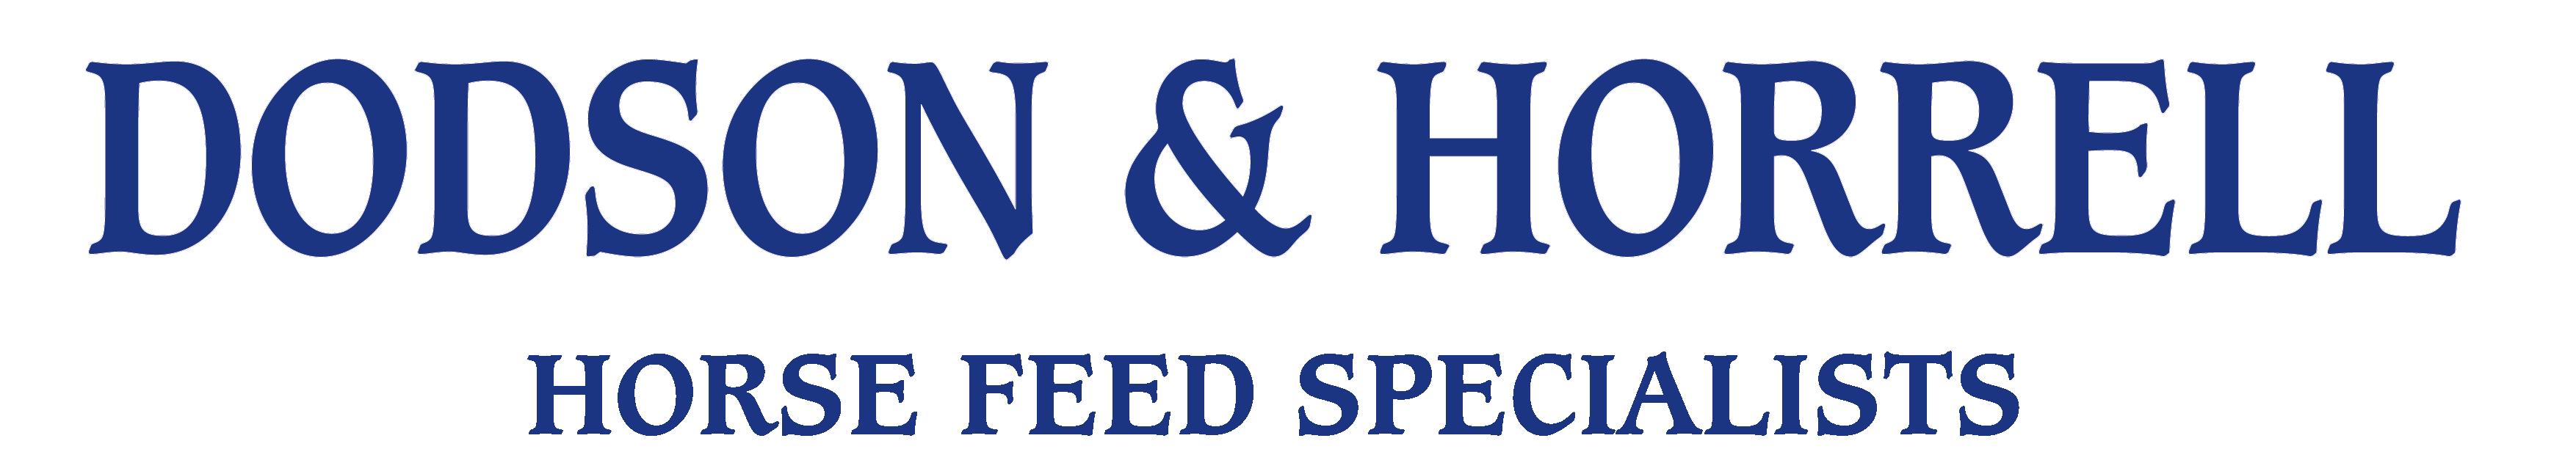 Dodson & Horrell sponsor Calmsden Events